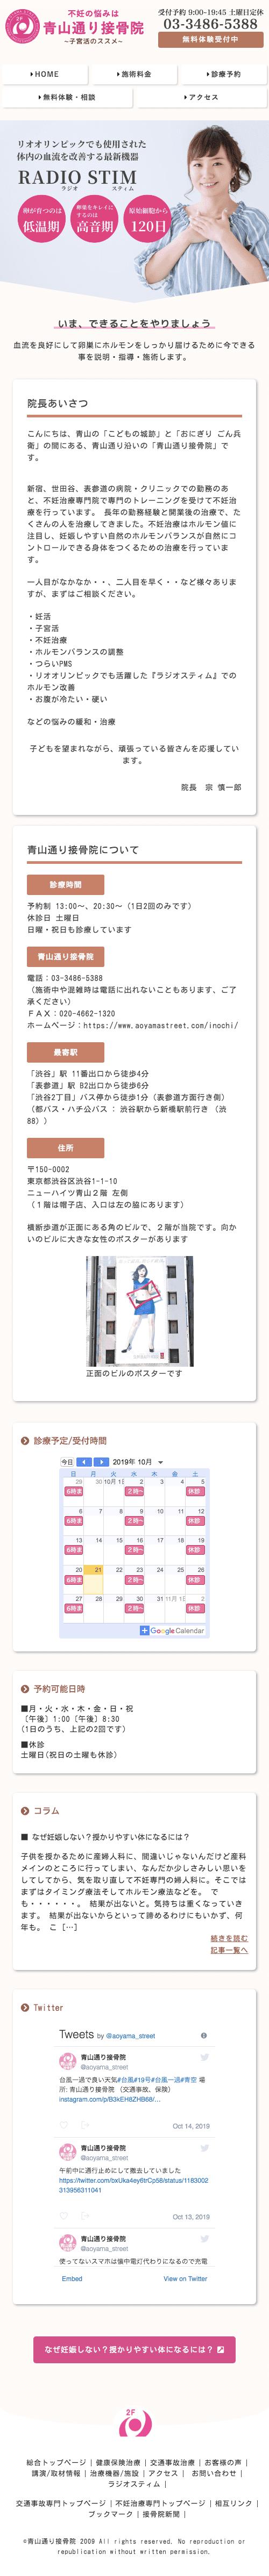 接骨院サイト(不妊治療専門)/SP版